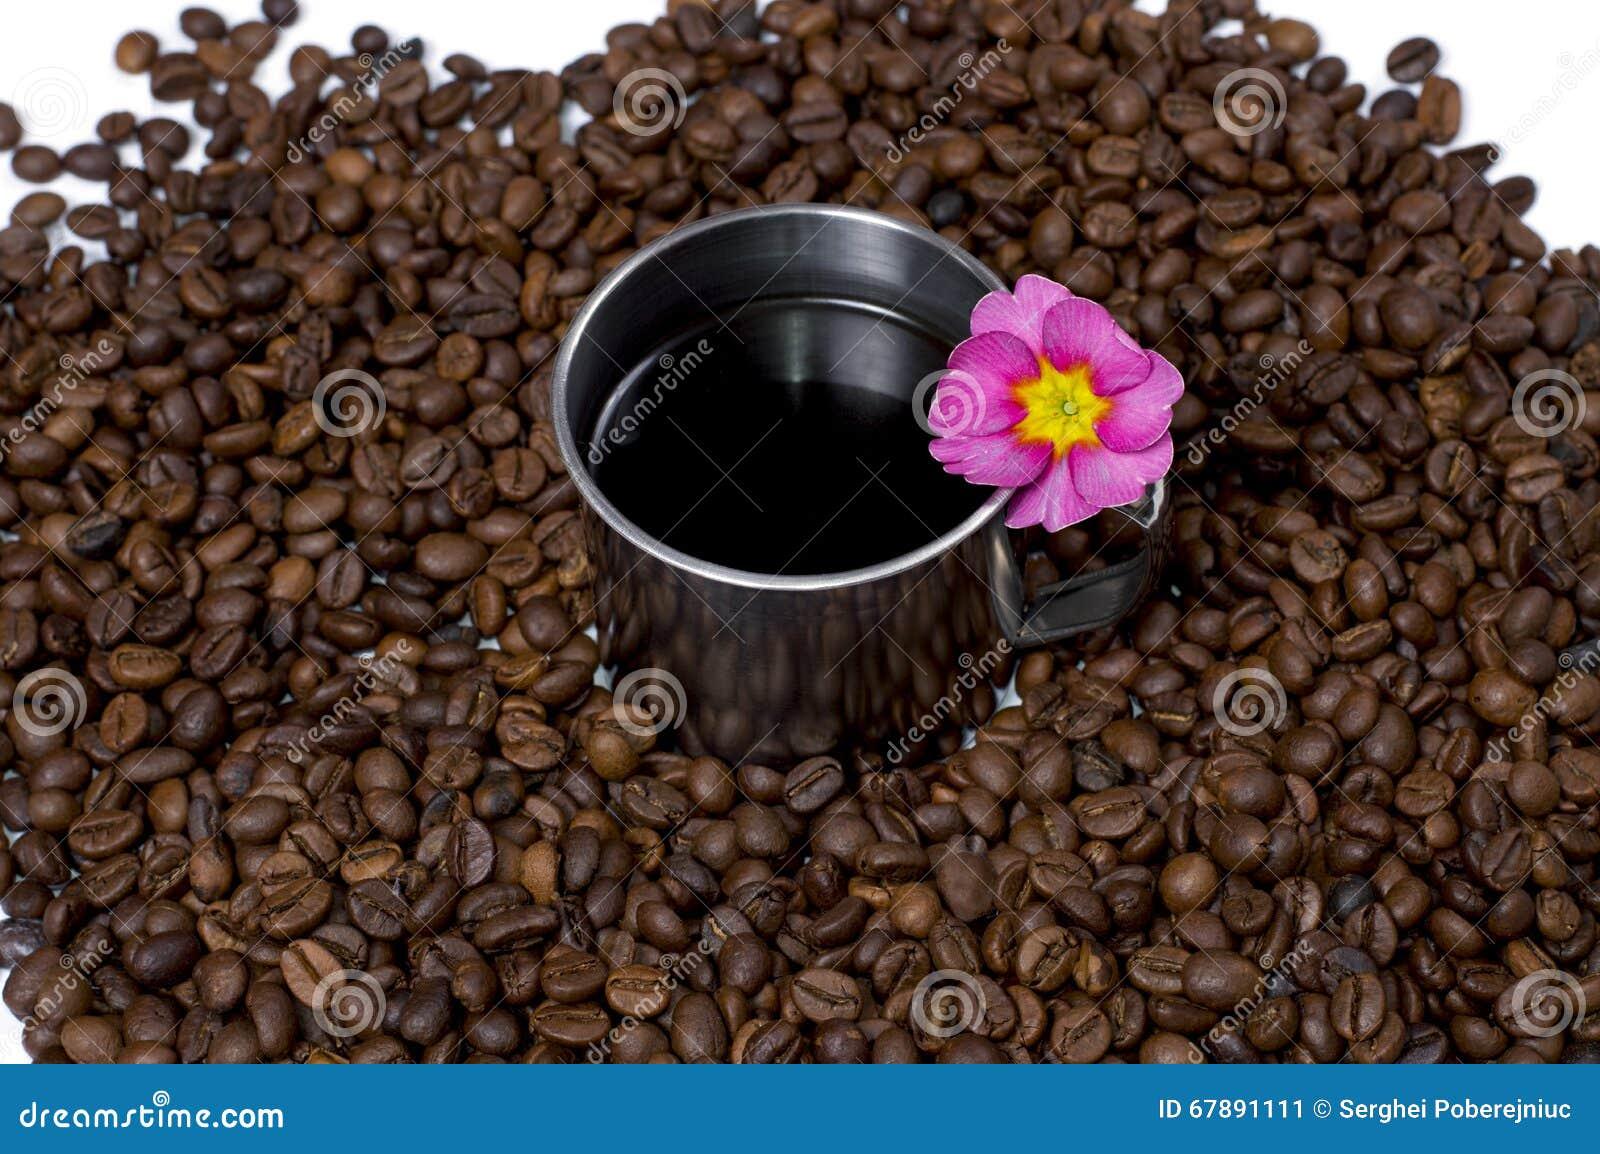 钢咖啡在咖啡粒和花的